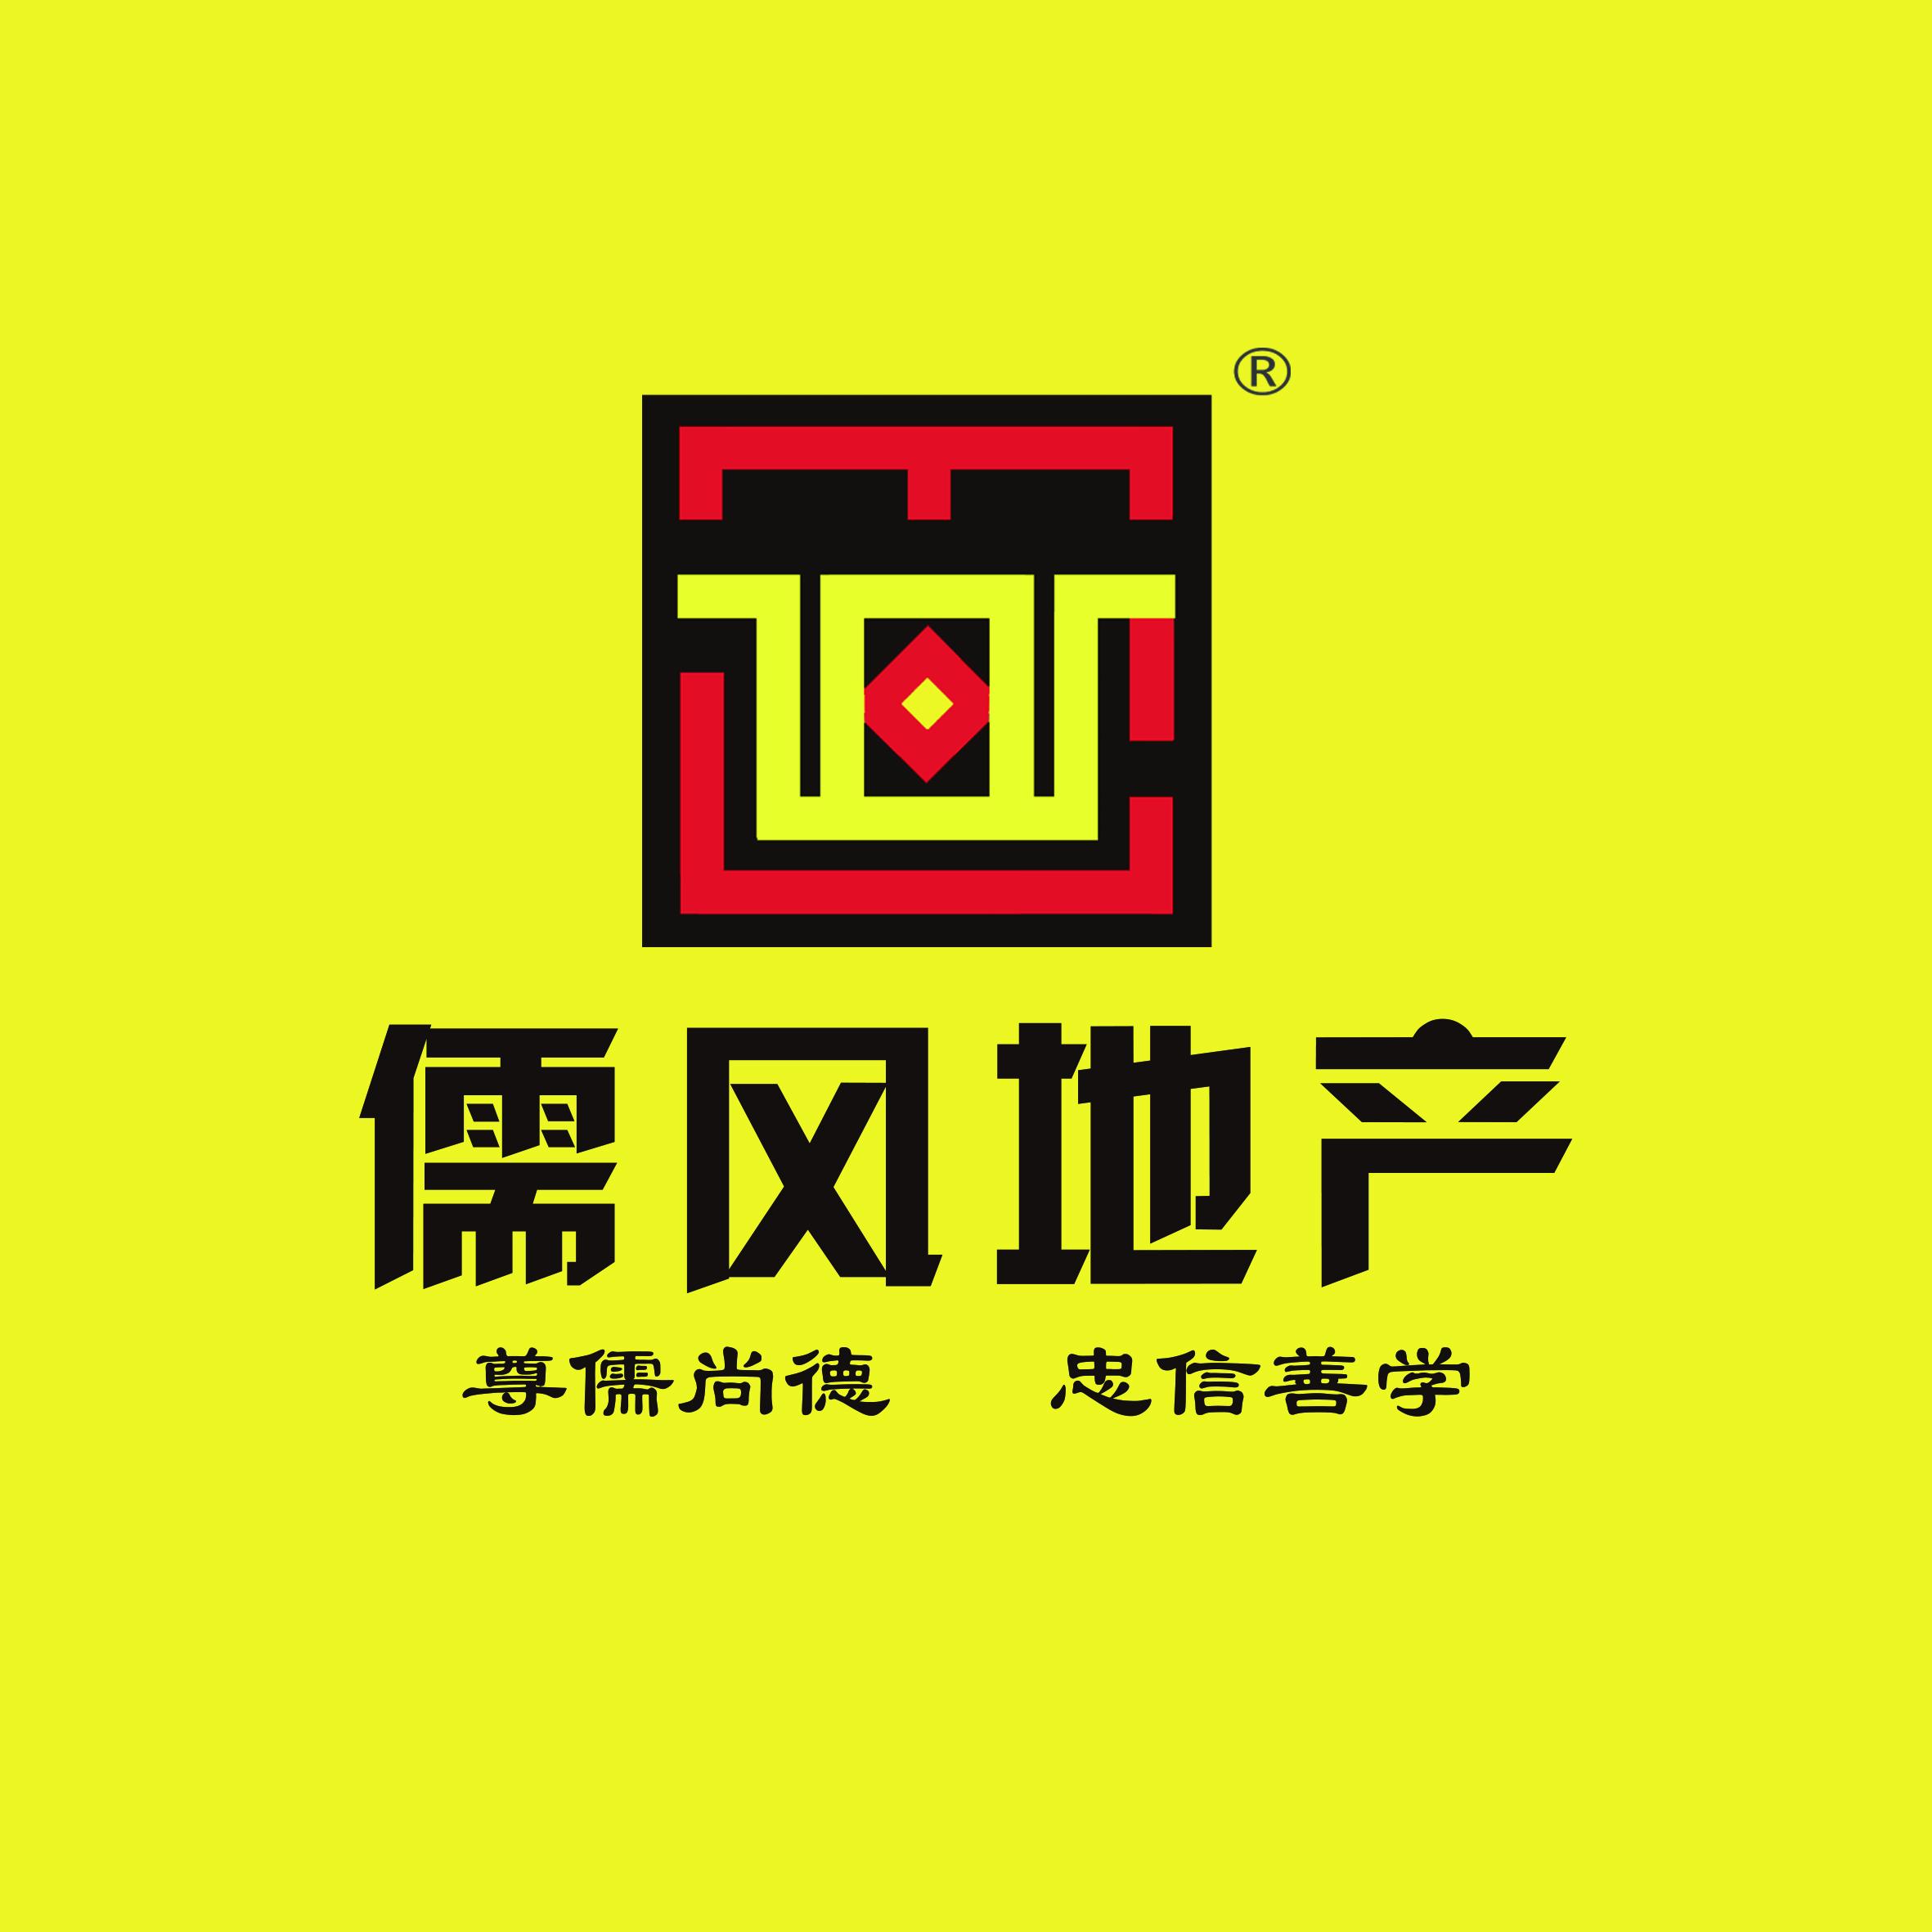 黄金朝阳产业房地产中介,儒风地产,2017创业好项目!